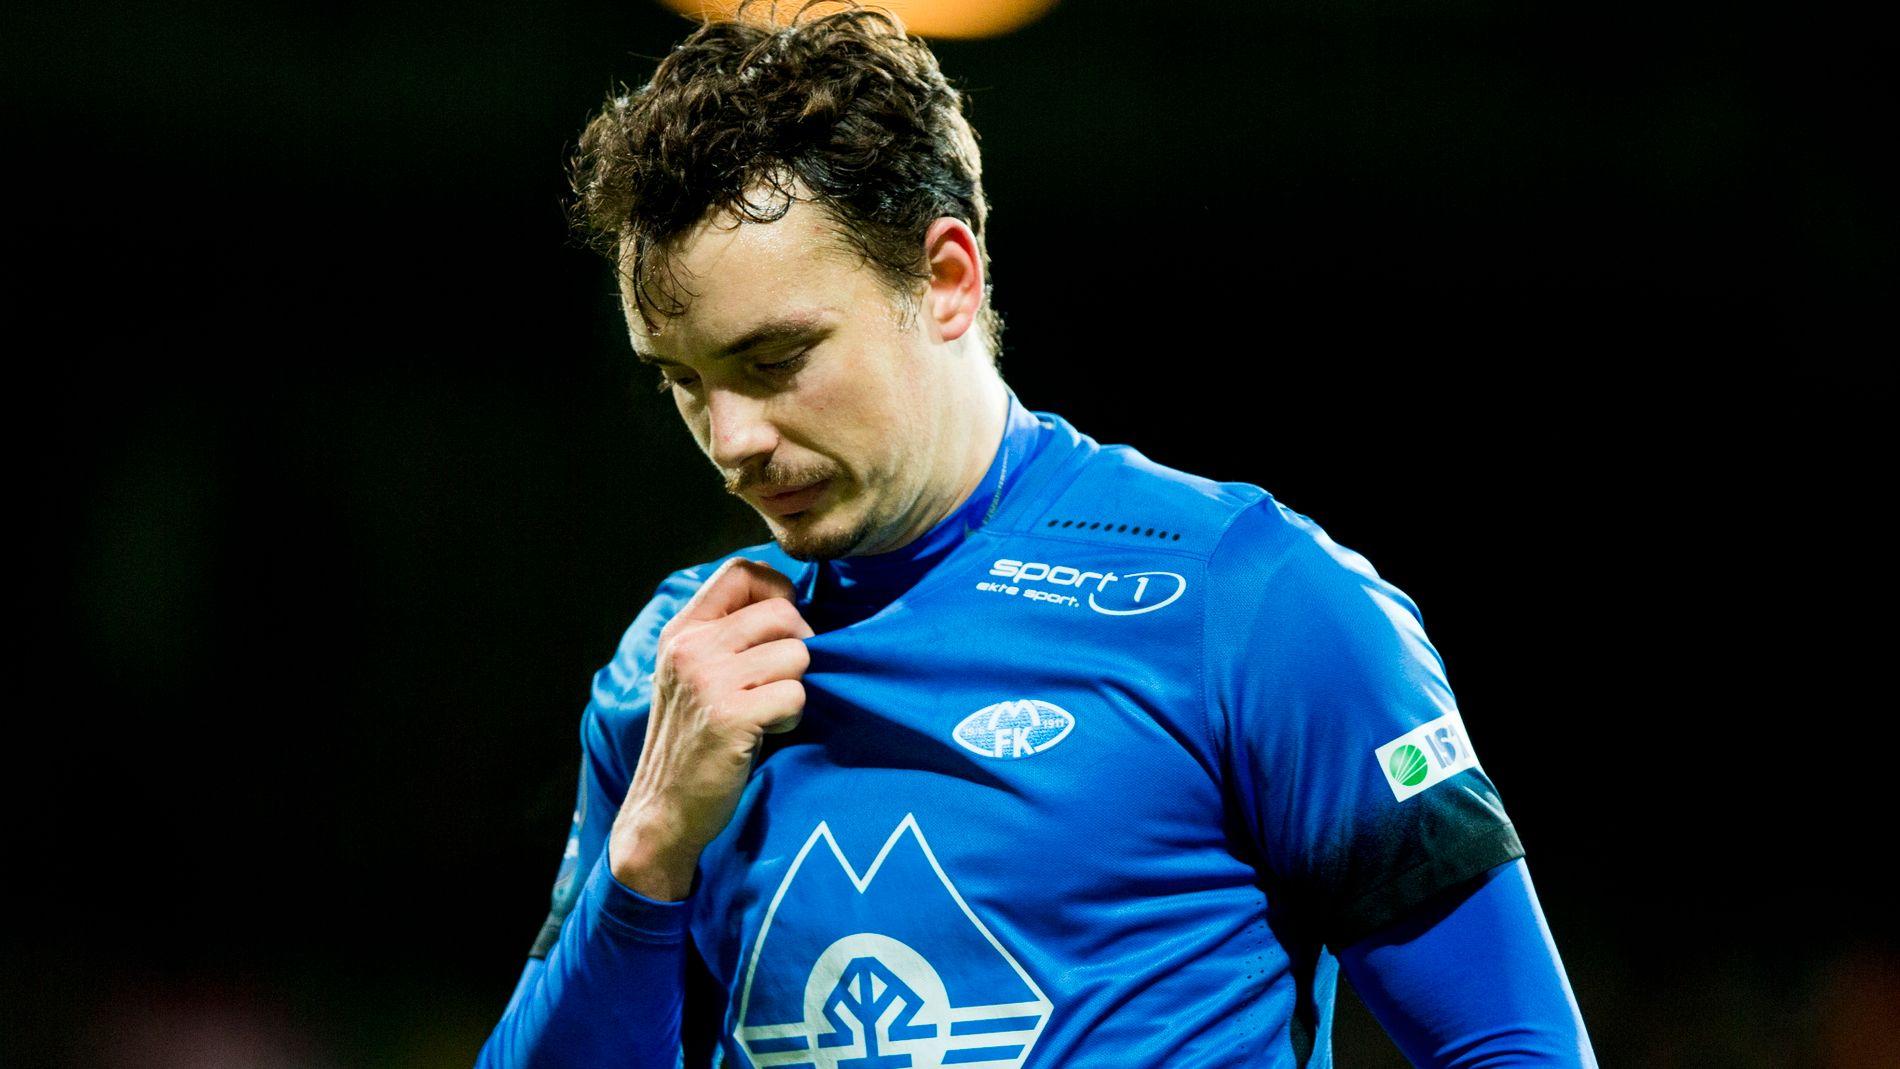 UTEN KONTRAKT: Vegard Forrens Molde-kontrakt går ut i januar. Tapet på Åråsen kan ha vært 28-åringens siste kamp i Molde-trøya.